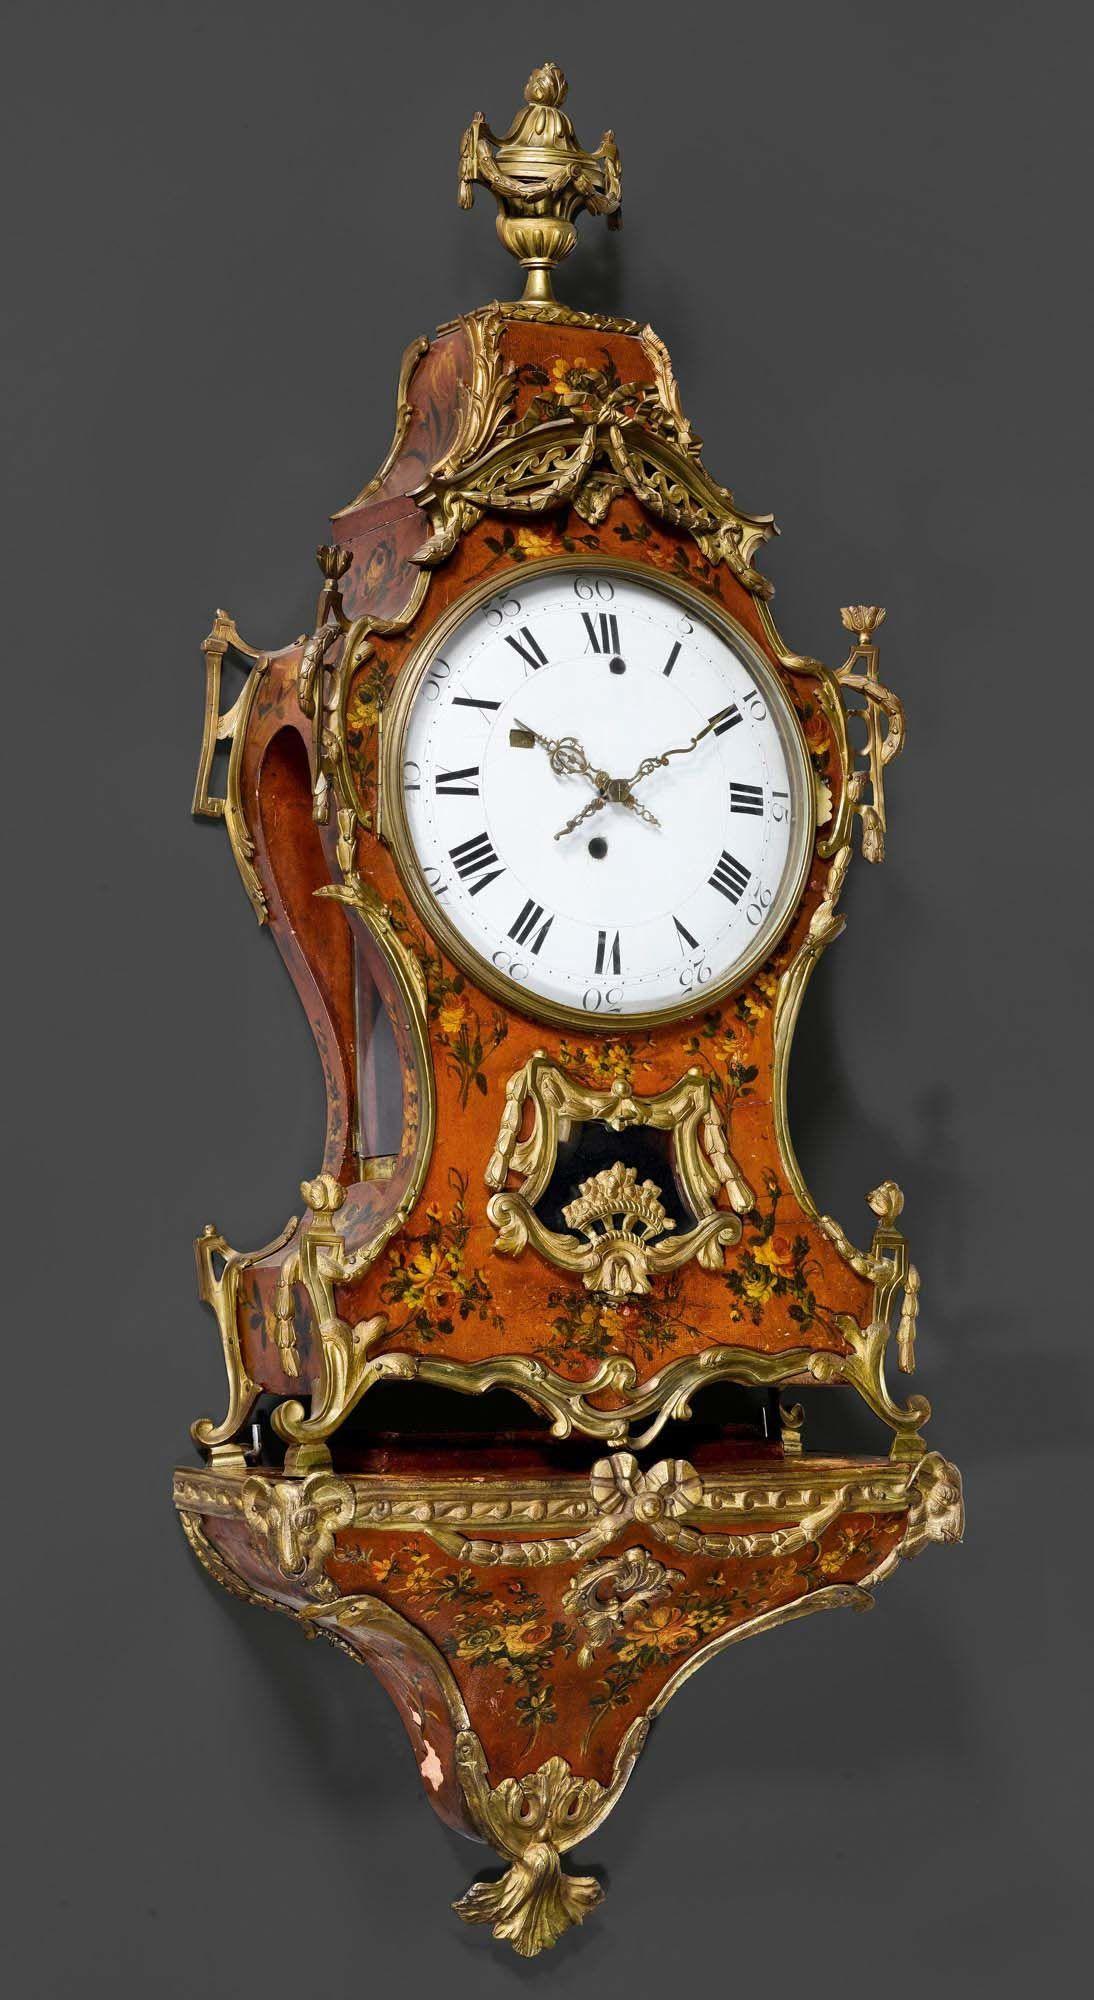 Bemalte Pendule Mit Sockel Louis Xvi Neuenburg Um 1770 Antike Uhren Antike Wanduhren Alte Uhren